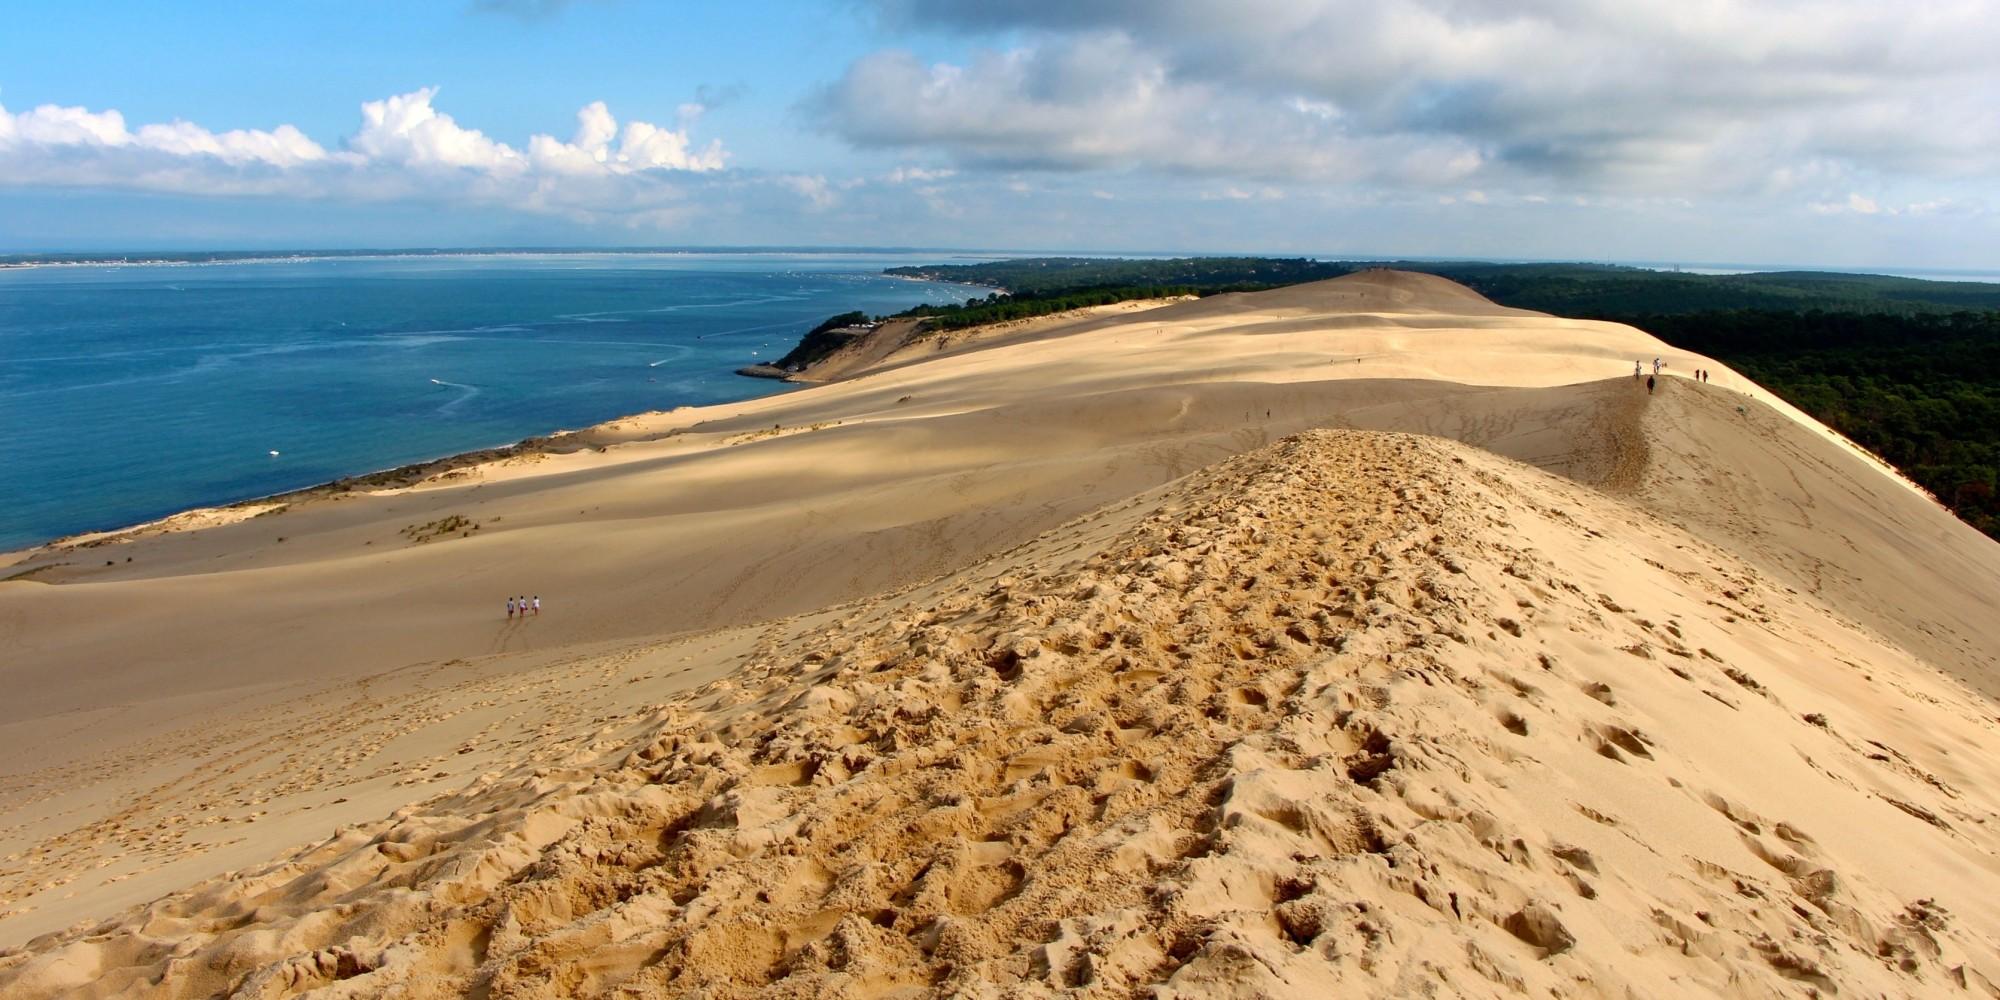 dune - photo #6